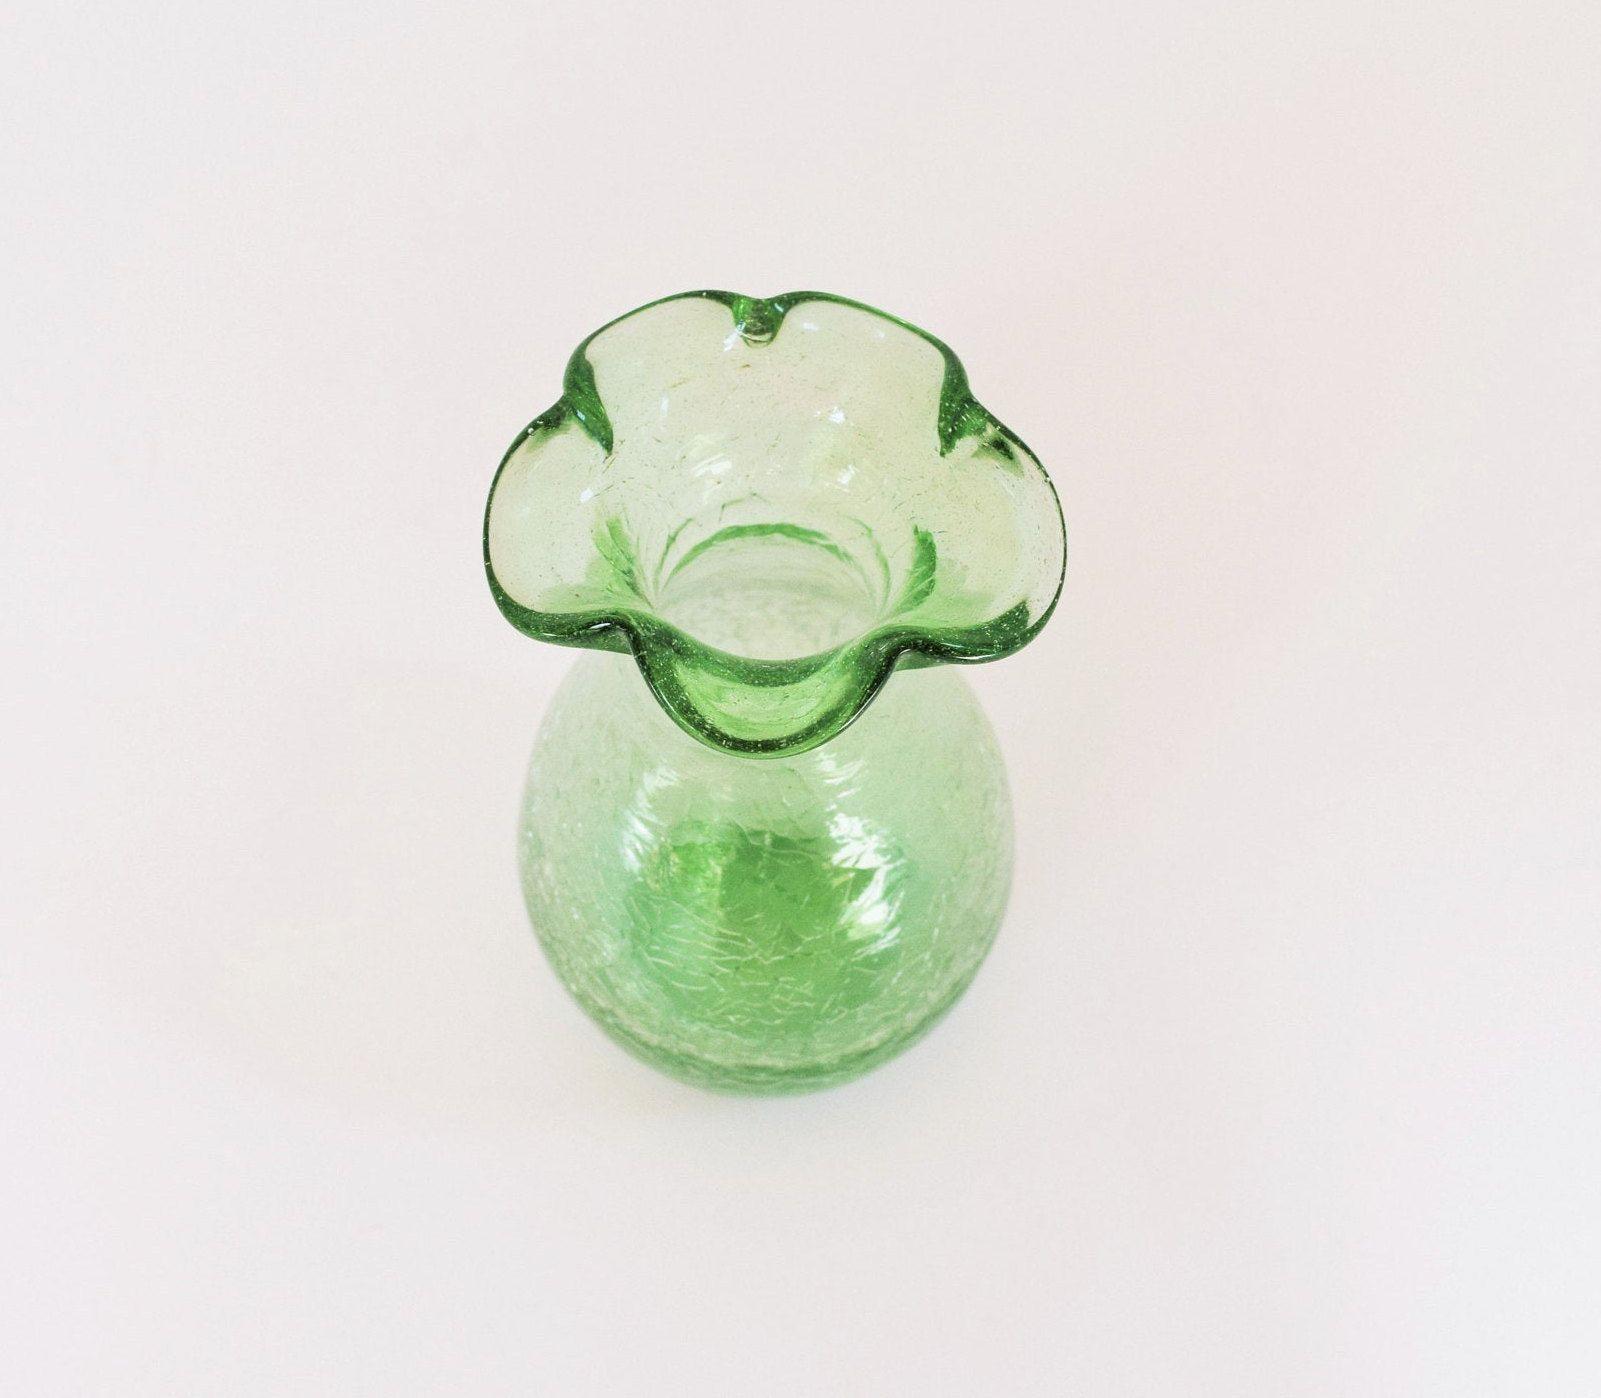 Crackle Seafoam Green Vase Art Vintage Flower Vase Cottage Decor Modern Ruffle Wedding Kitchenware Antique Glassware Hand Blown In 2020 Modern Cottage Decor Green Vase Antique Glassware